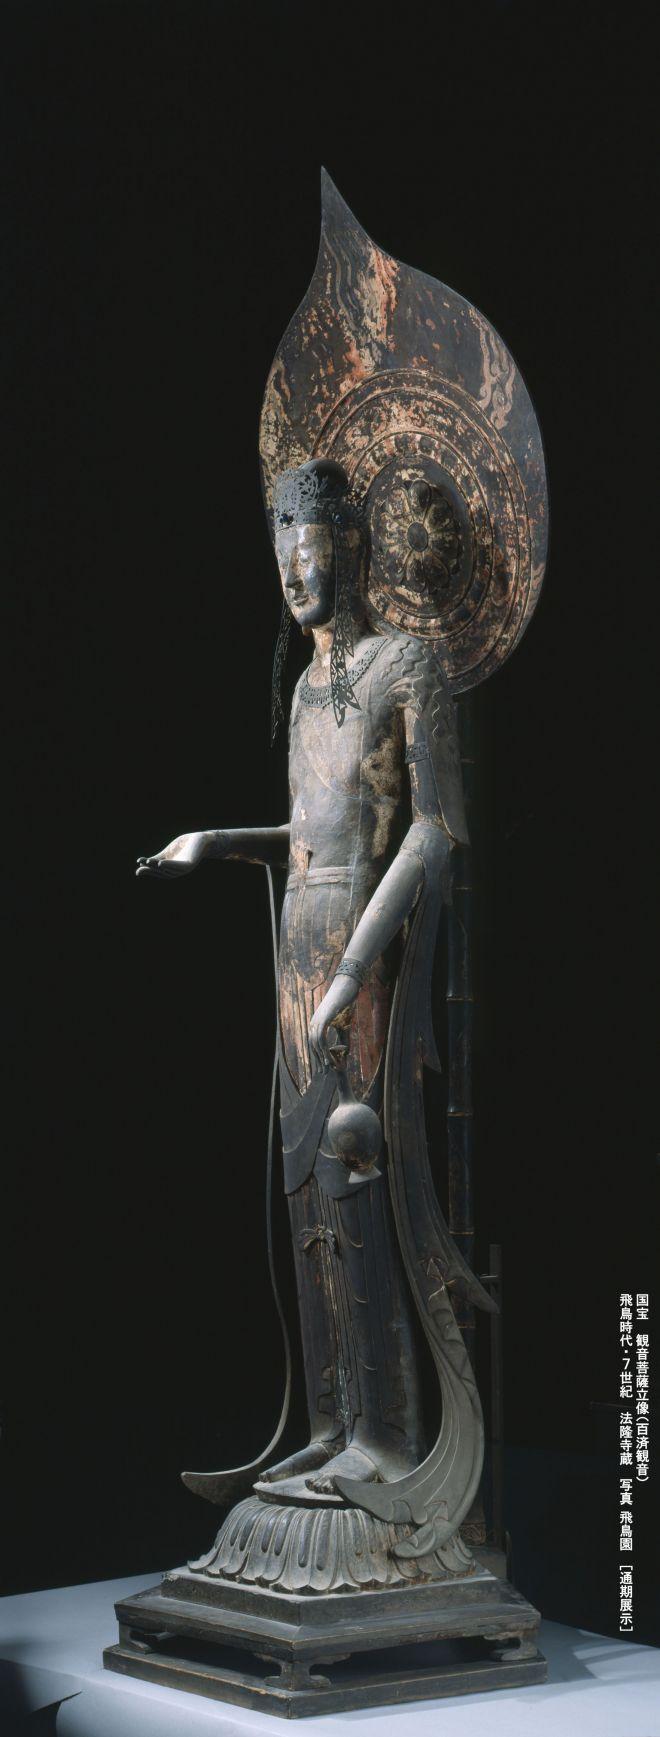 国宝・観音菩薩立像(百済観音) 飛鳥時代・7世紀 法隆寺蔵  写真=飛鳥園